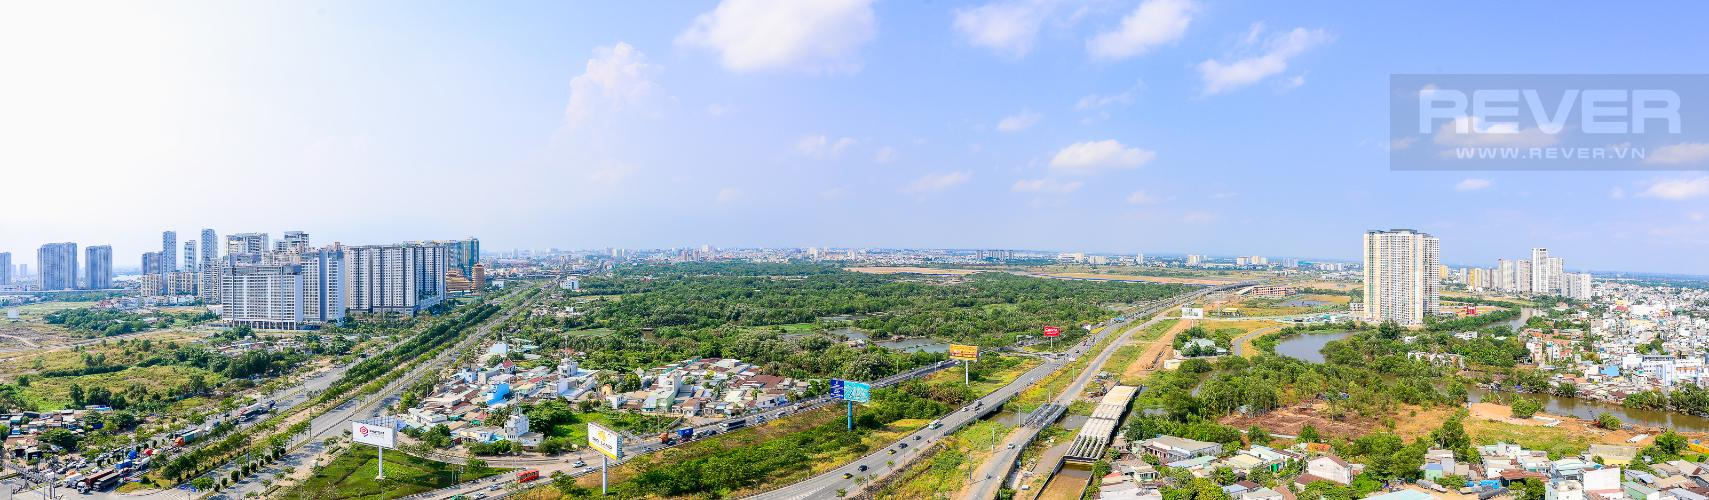 View Bán căn hộ Centana Thủ Thiêm tầng cao, 2PN 2WC, không gian sống yên tĩnh